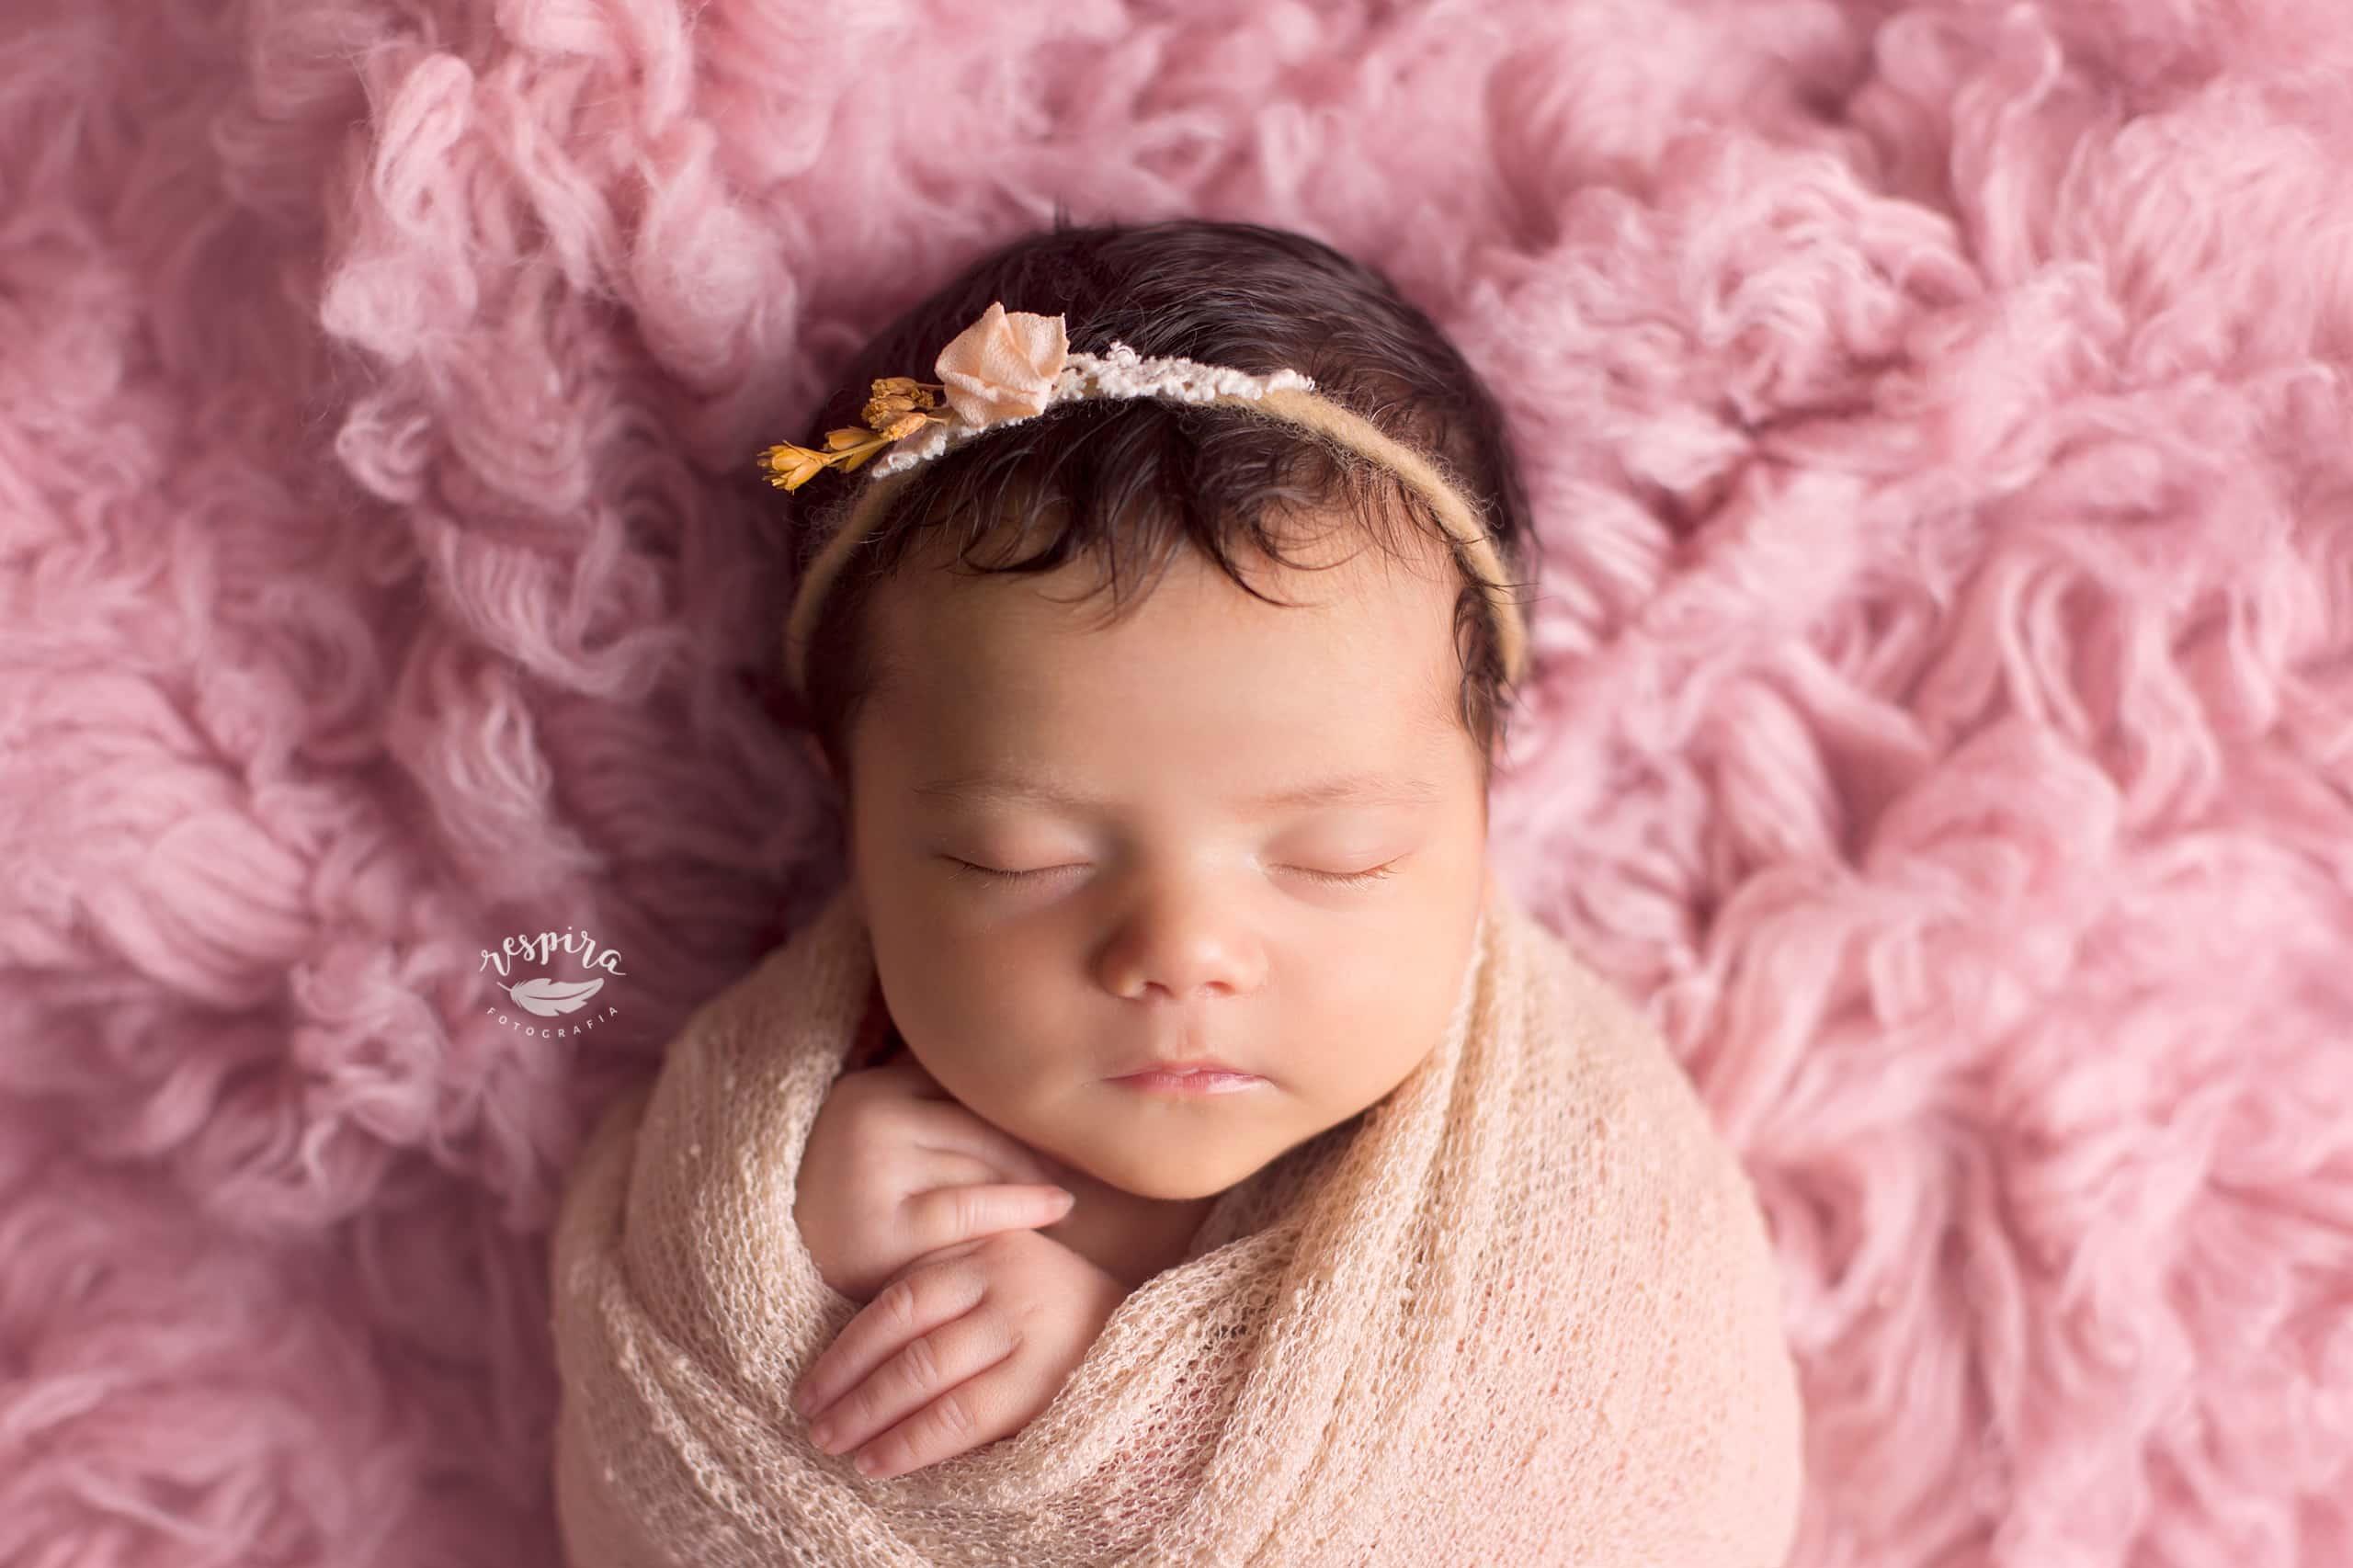 Fotos de recien nacido newborn en barcelona olesa